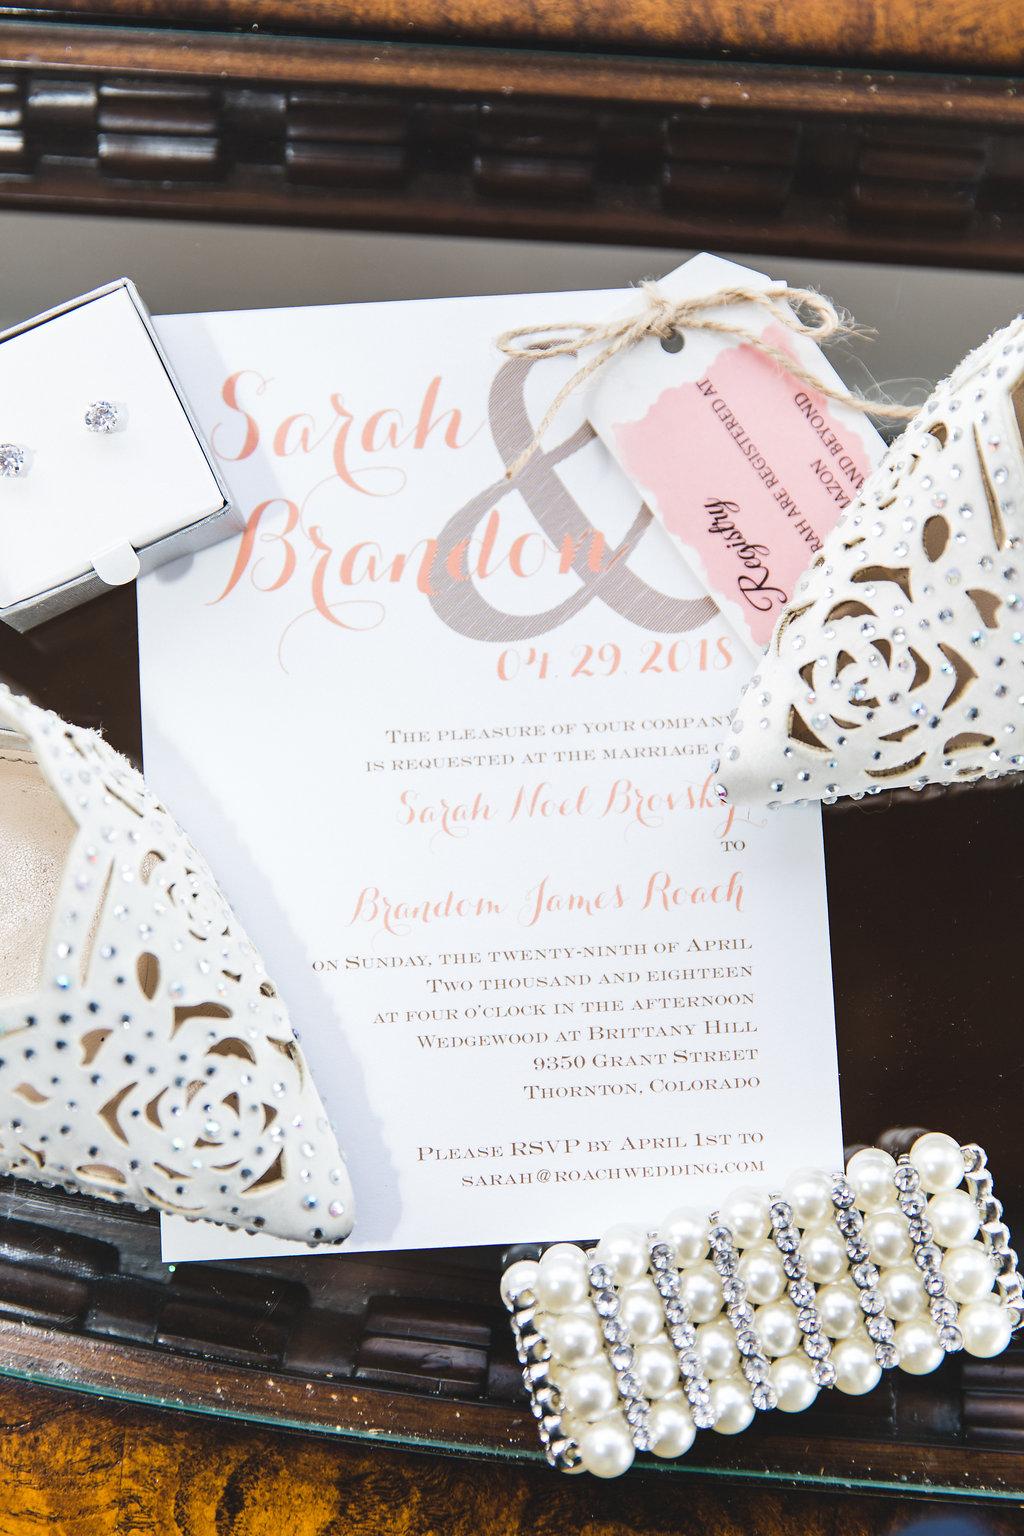 Wedgewood Weddings Brittany Hill Wedding - Colorado DIY Wedding — The Overwhelmed Bride Wedding Blog